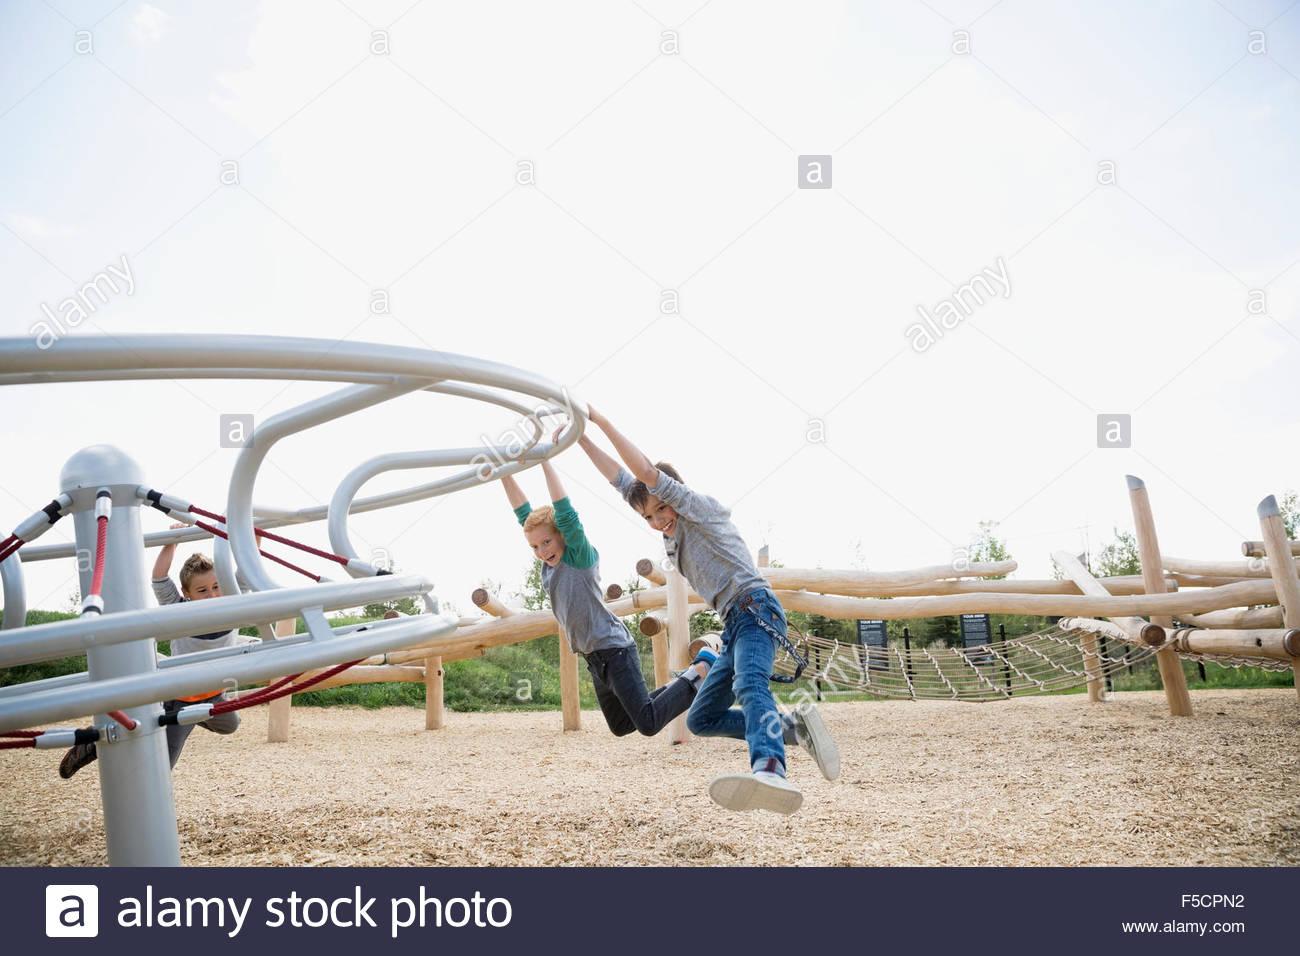 Bambini appesi da barra di filatura a sunny parco giochi Immagini Stock